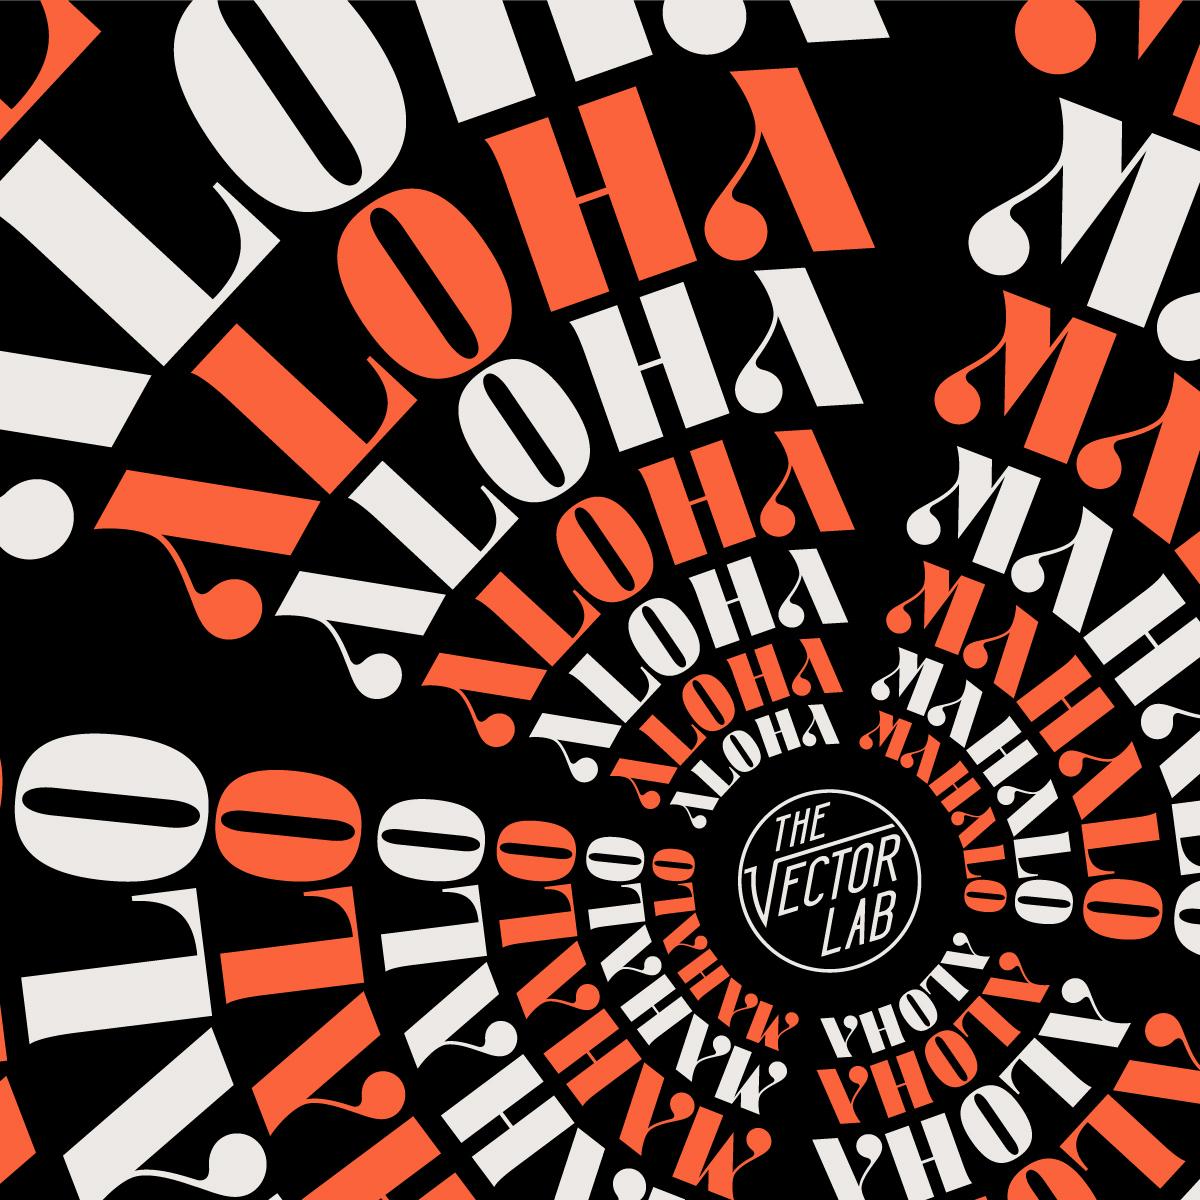 Aloha & Mahalo - AVISTA font by Ray Dombroski & TheVectorLab